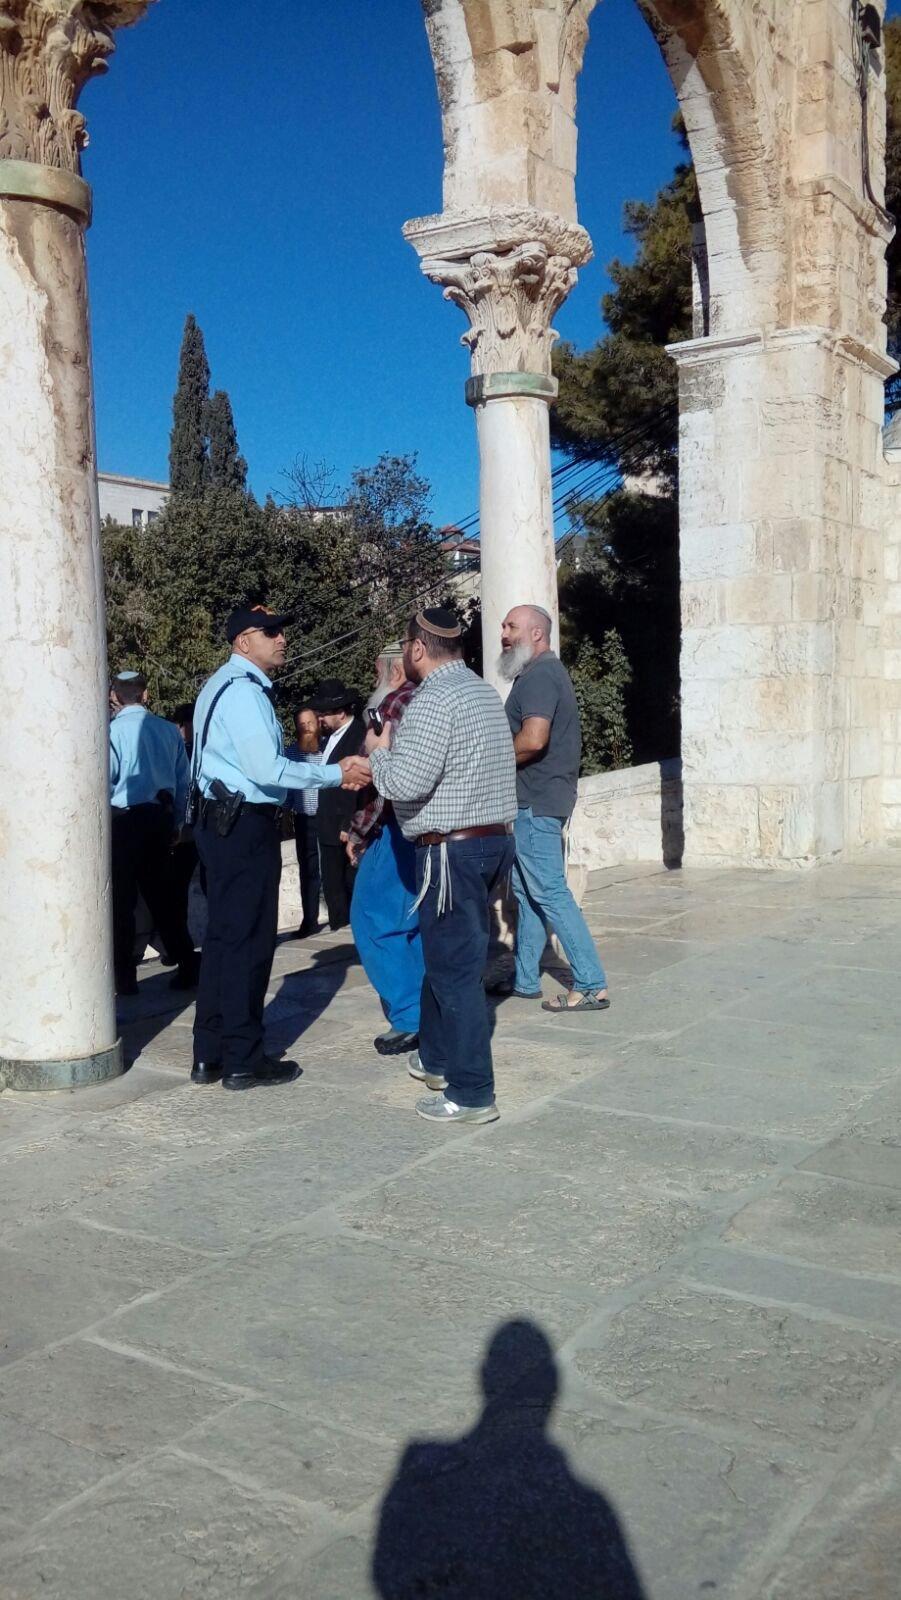 لجنة القدس في القائمة المشتركة تحذّر من مغبّة انفجار الأوضاع بعد اقتحام قبة الصخرة واعتلاء المستوطنين القبّة